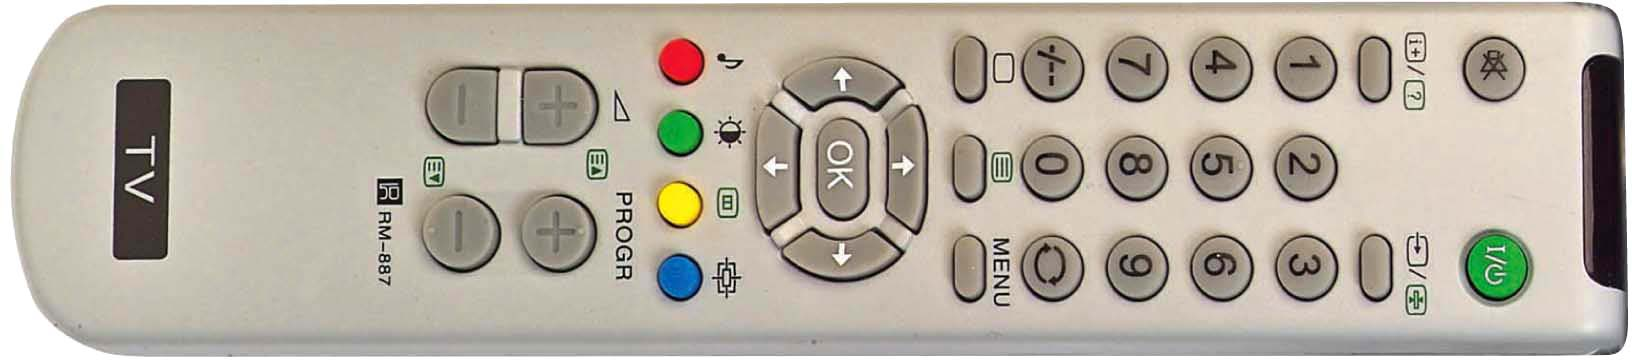 Sony TV RM-887